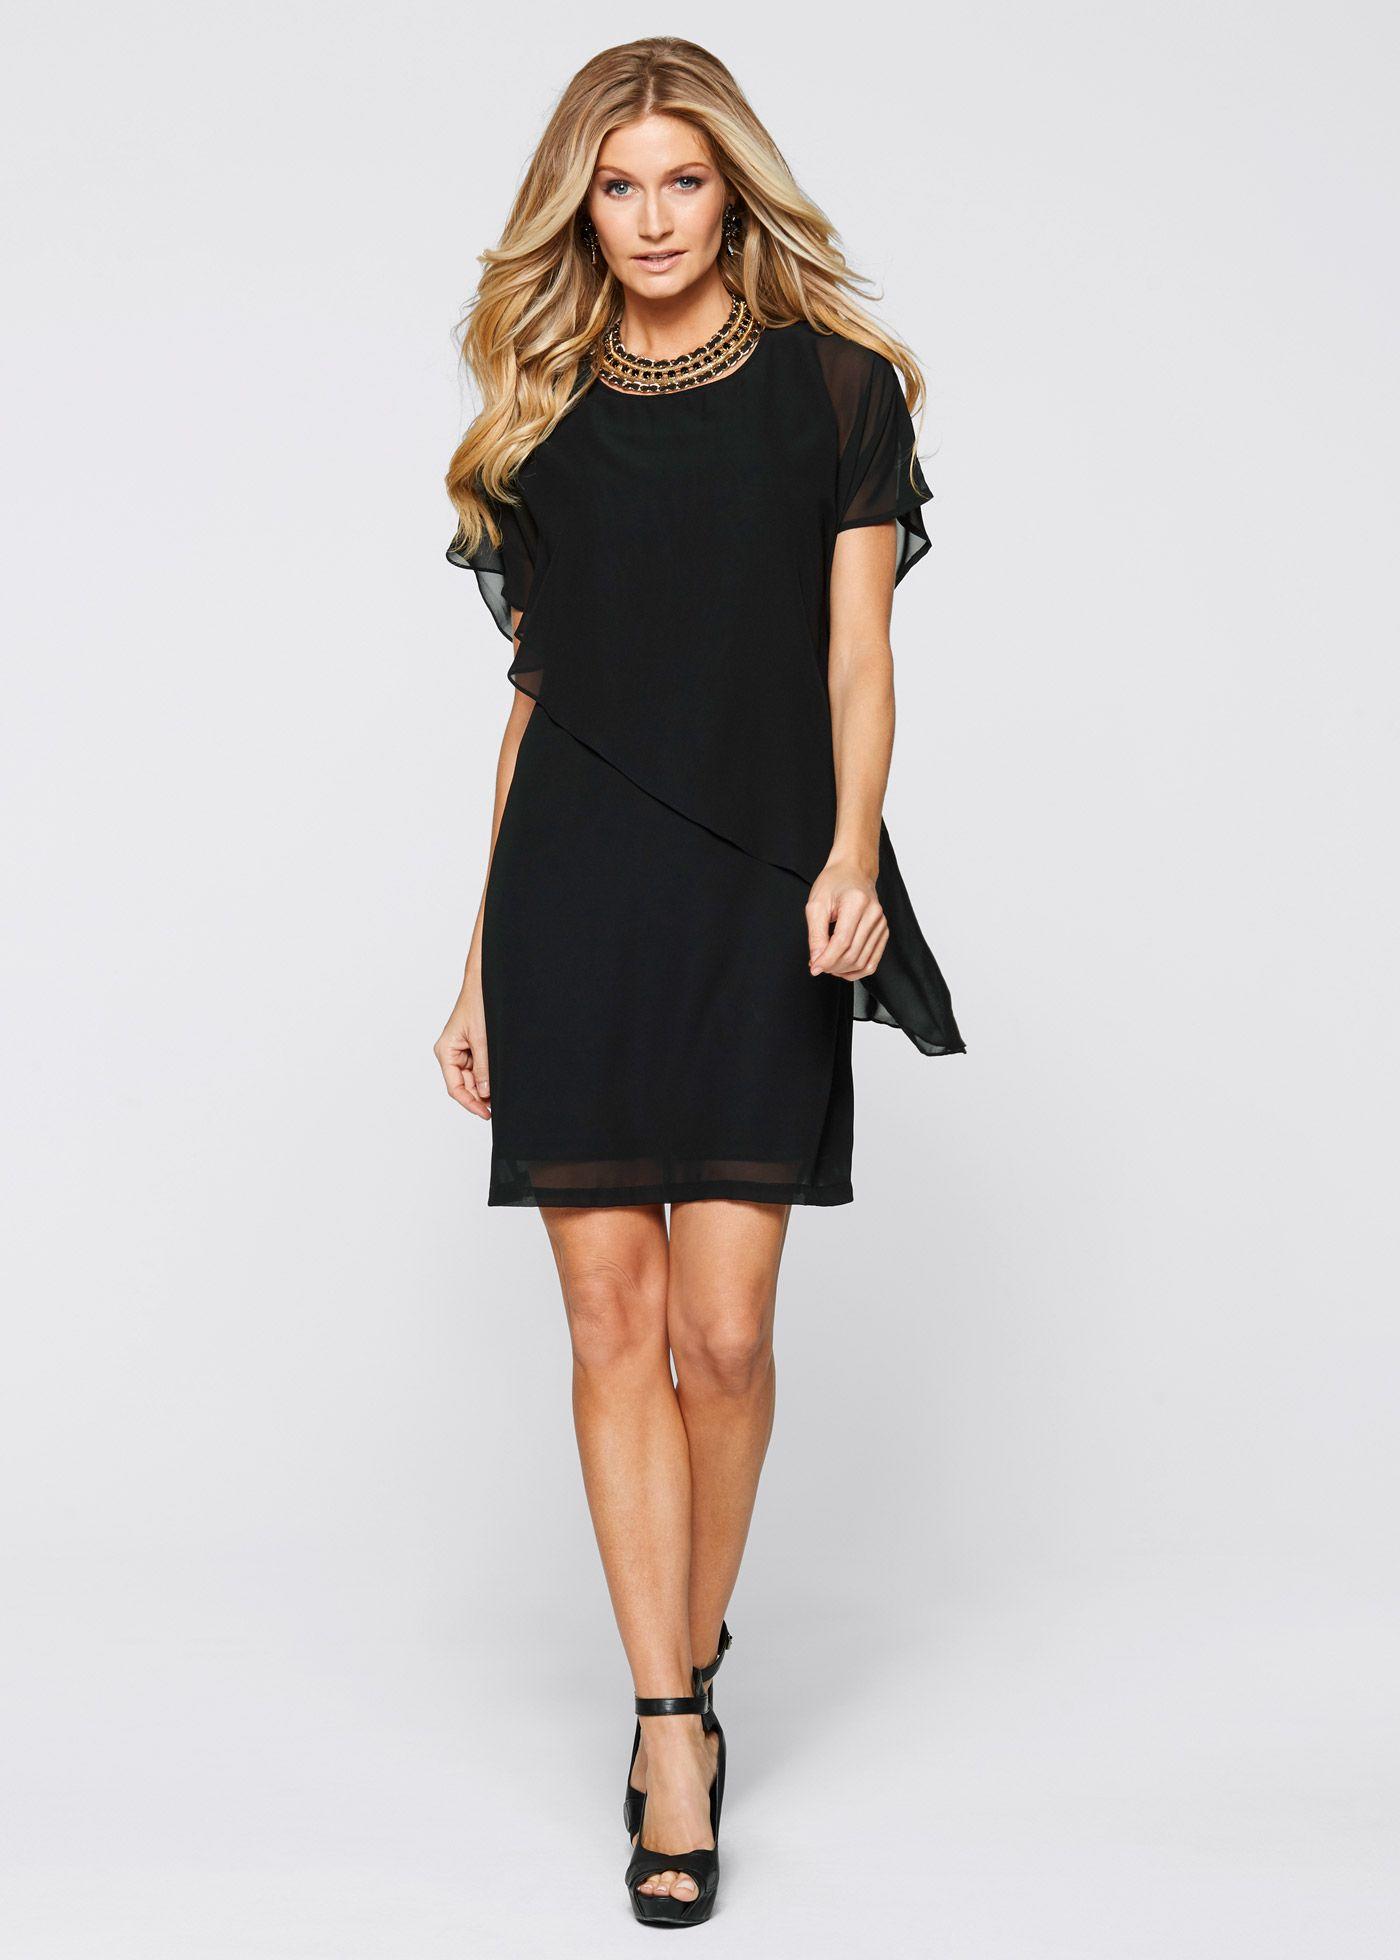 Luxus Zara Online Shop Damen Kleider Fotos - Bilder und ...